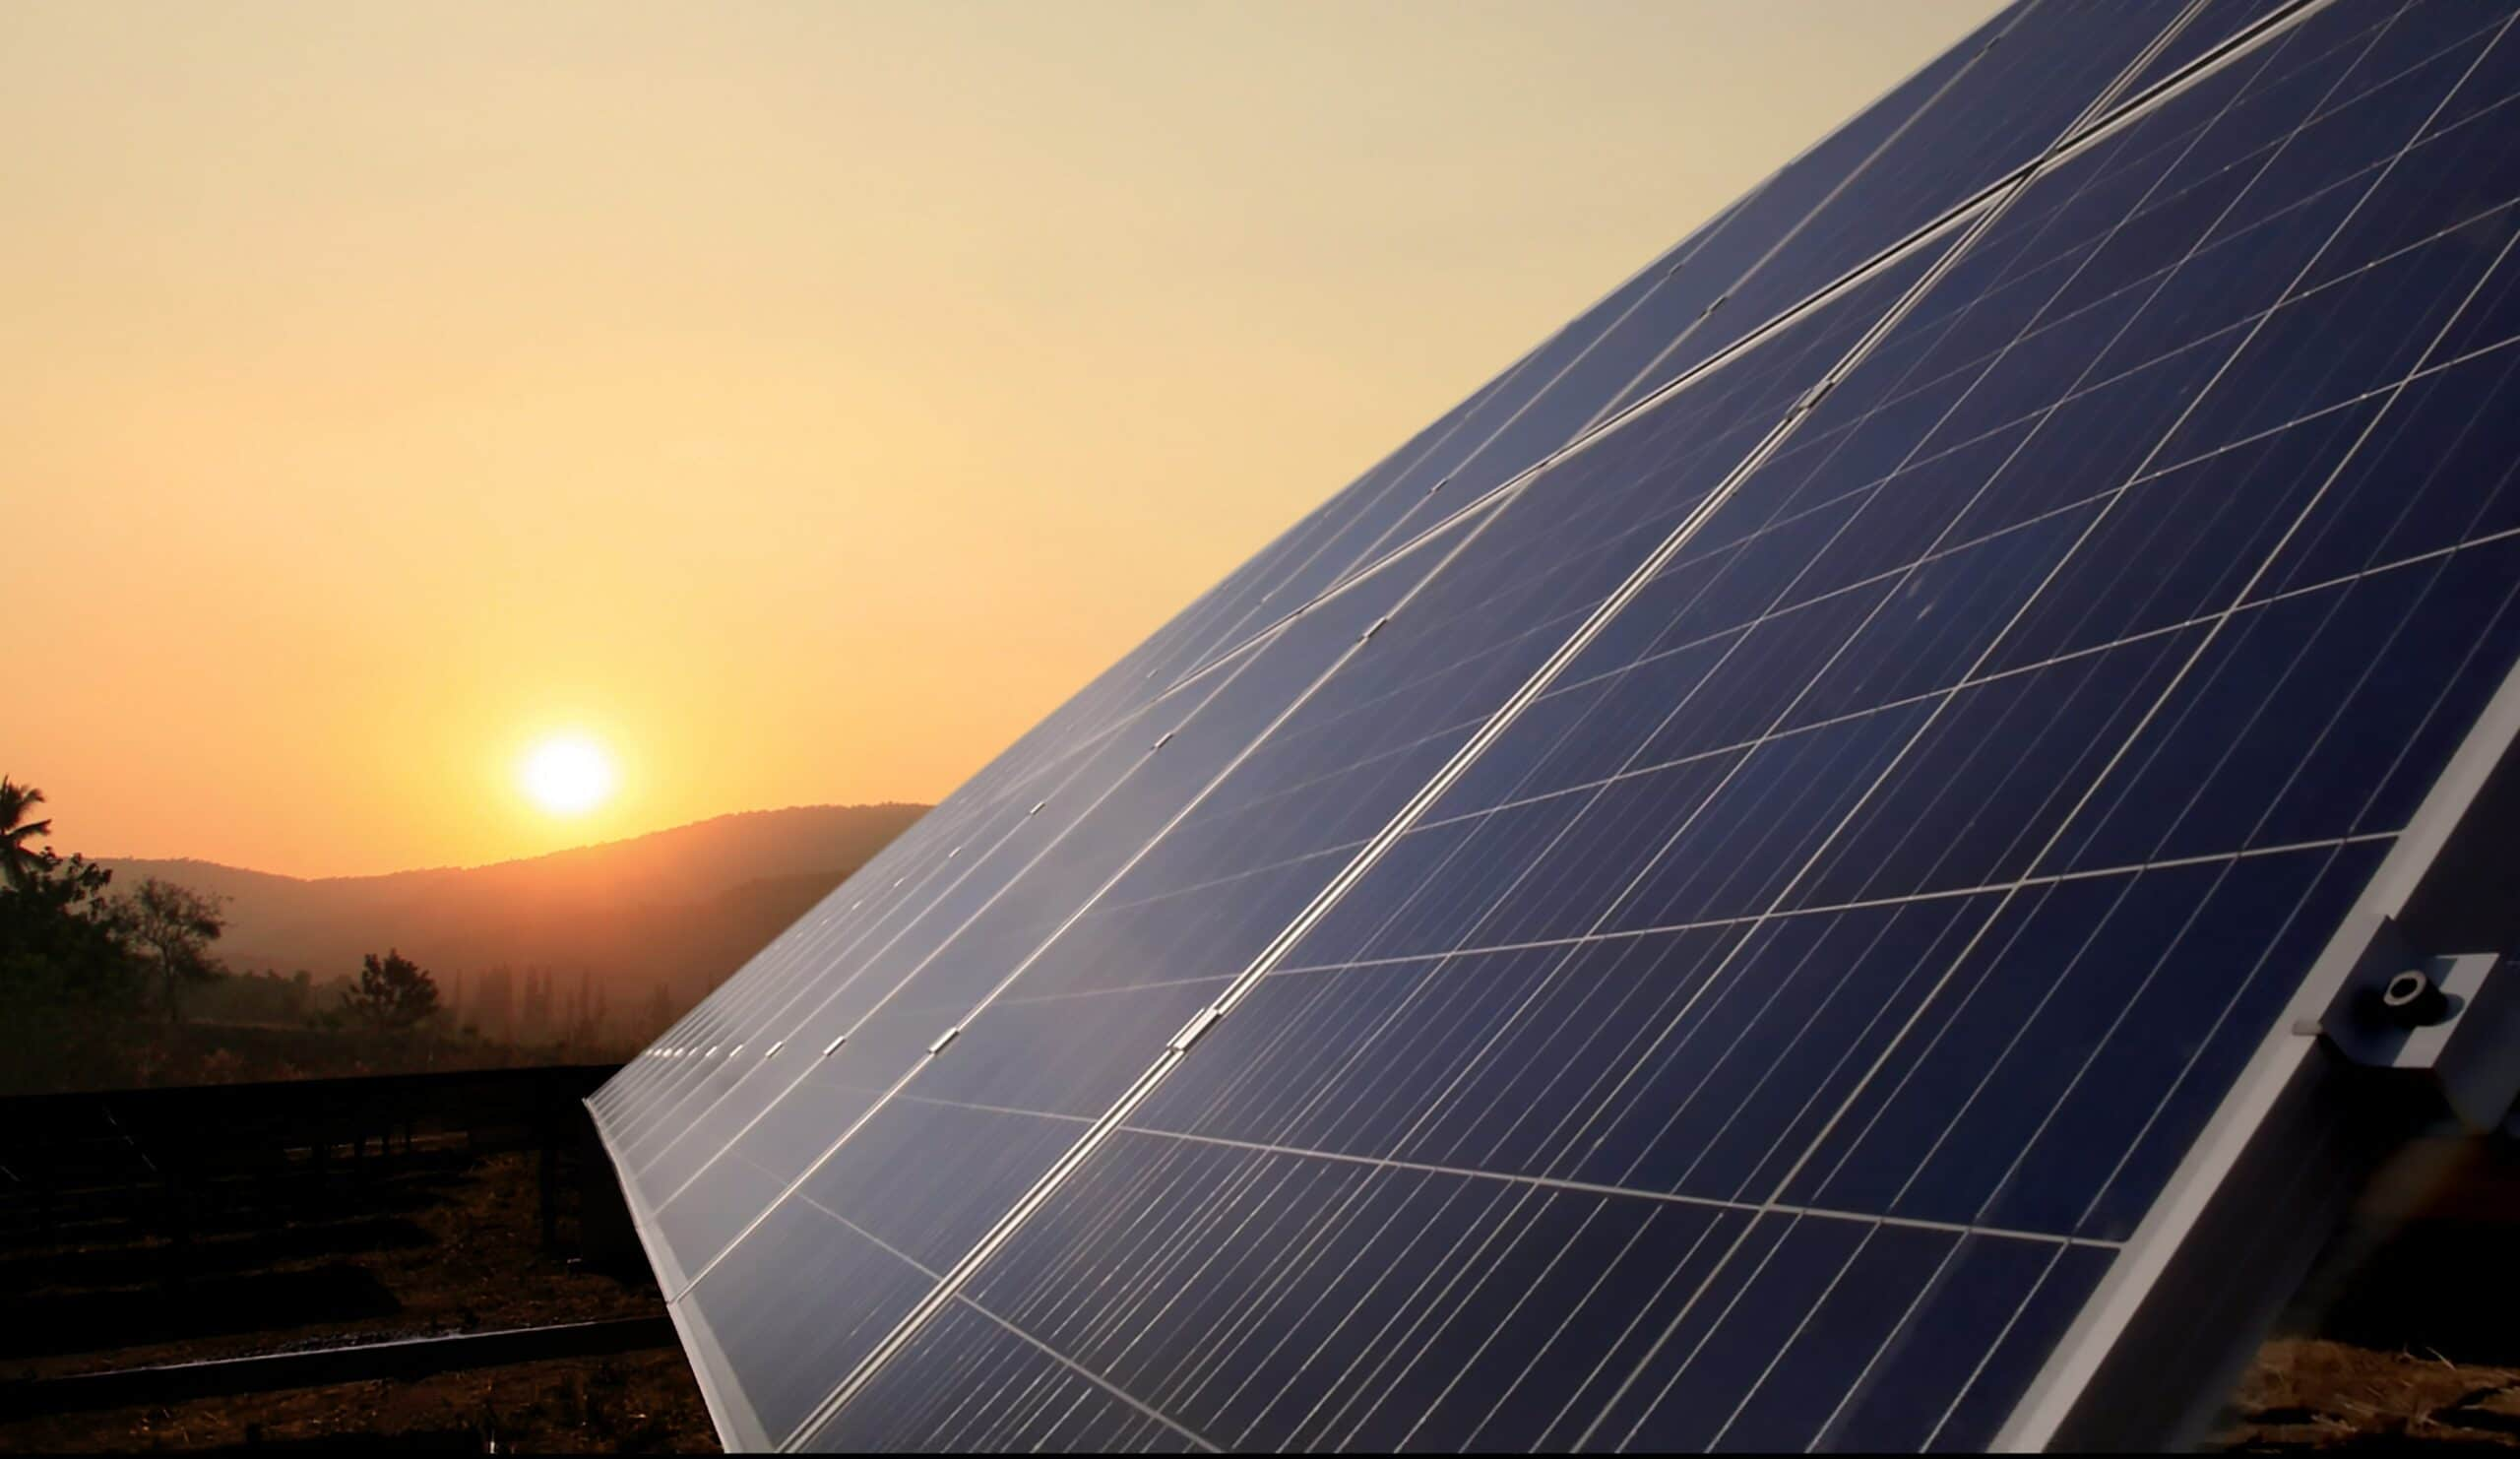 Hoeveel kosten zonnepanelen? Zonnepanelen prijs & tips